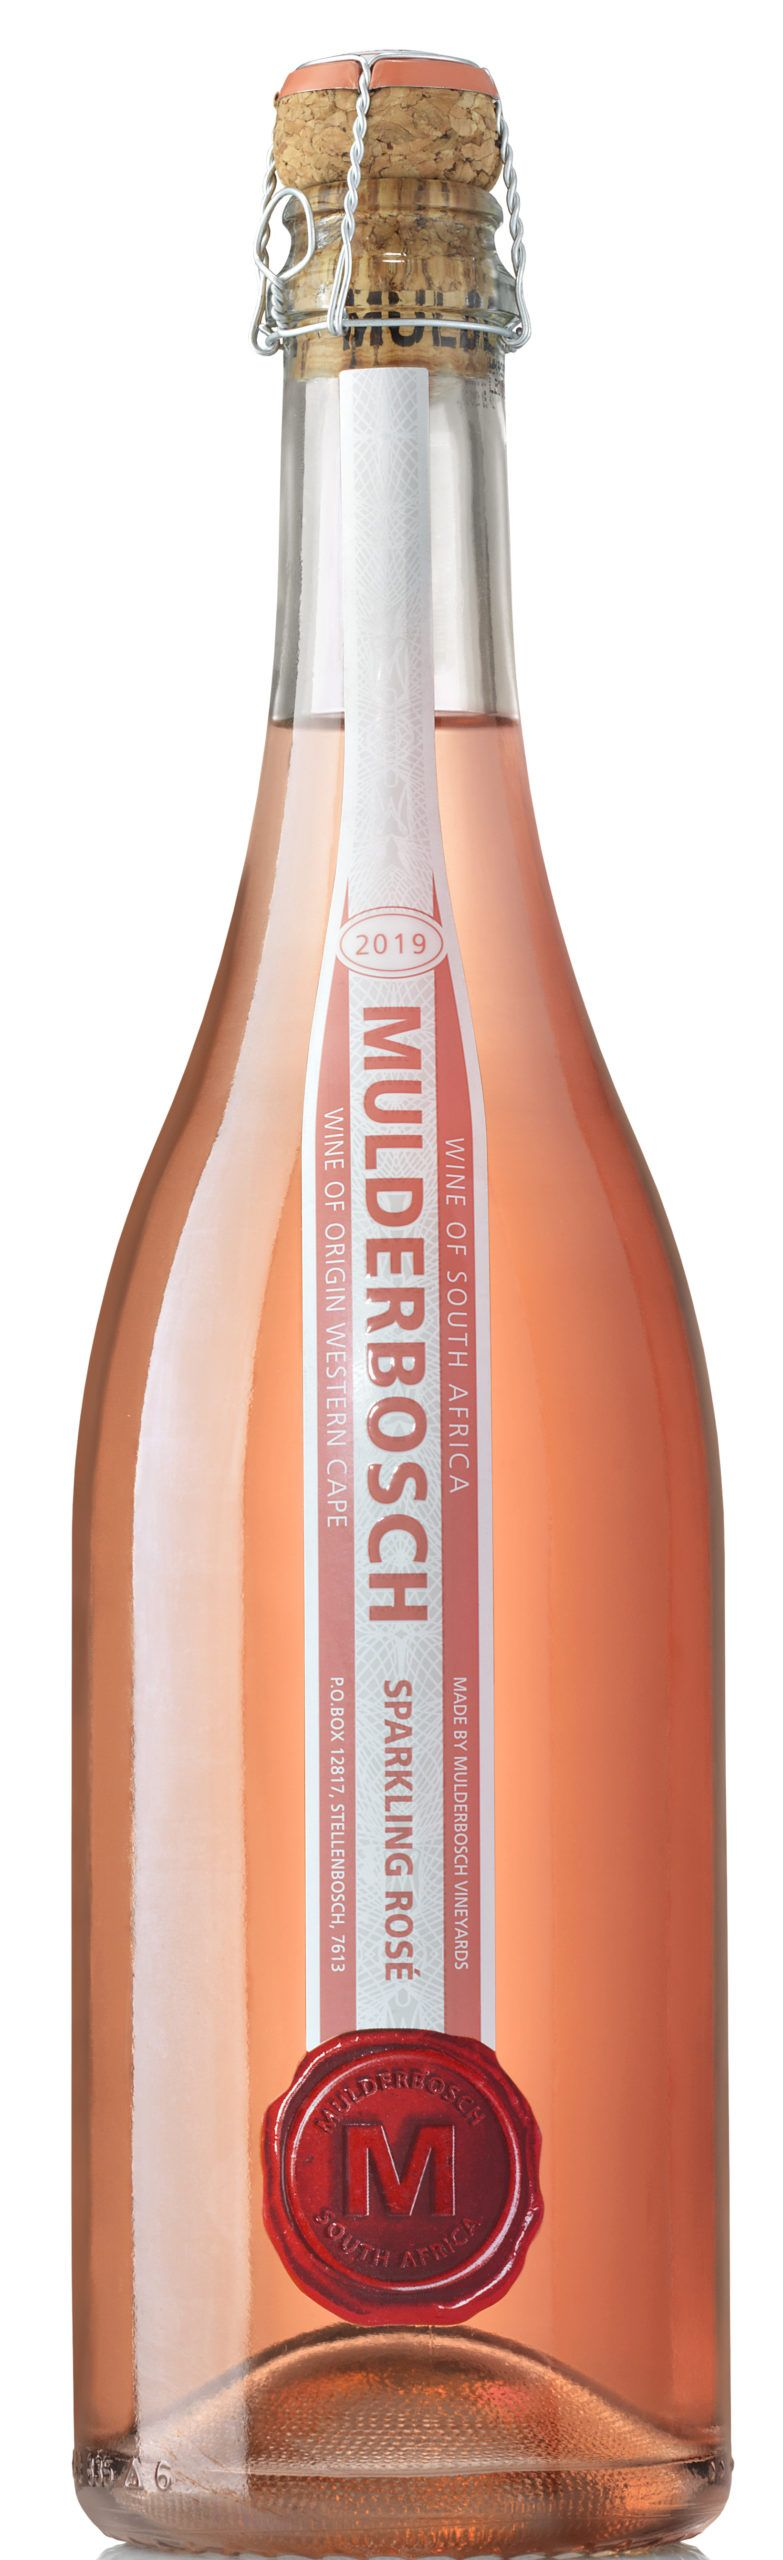 Mulderbosch Sparkling Rose_ny